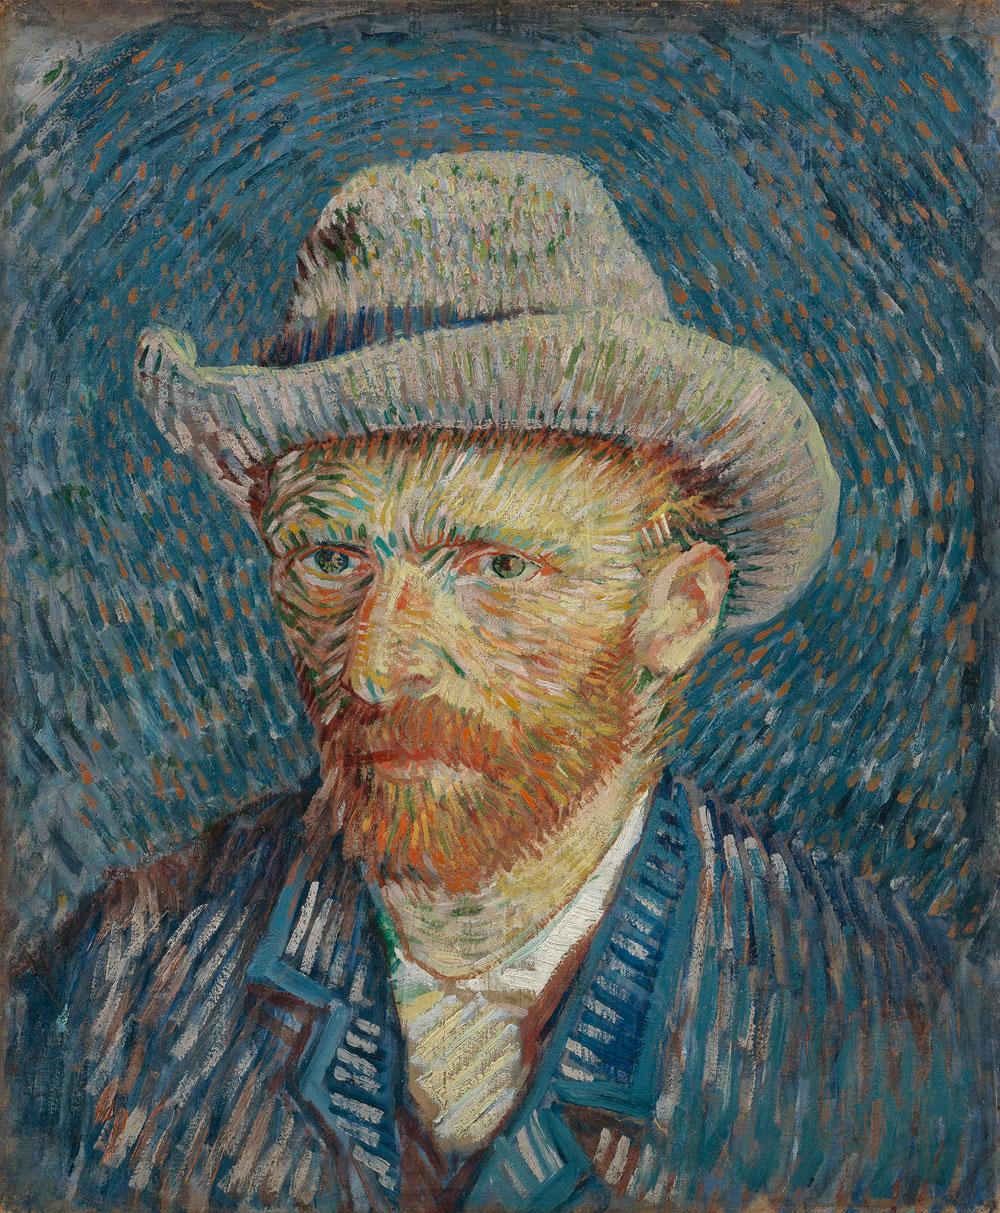 Goldin torna tra il 2020 e il 2022 con un progetto che porterà a Padova van Gogh, i vedutisti e gli impressionisti